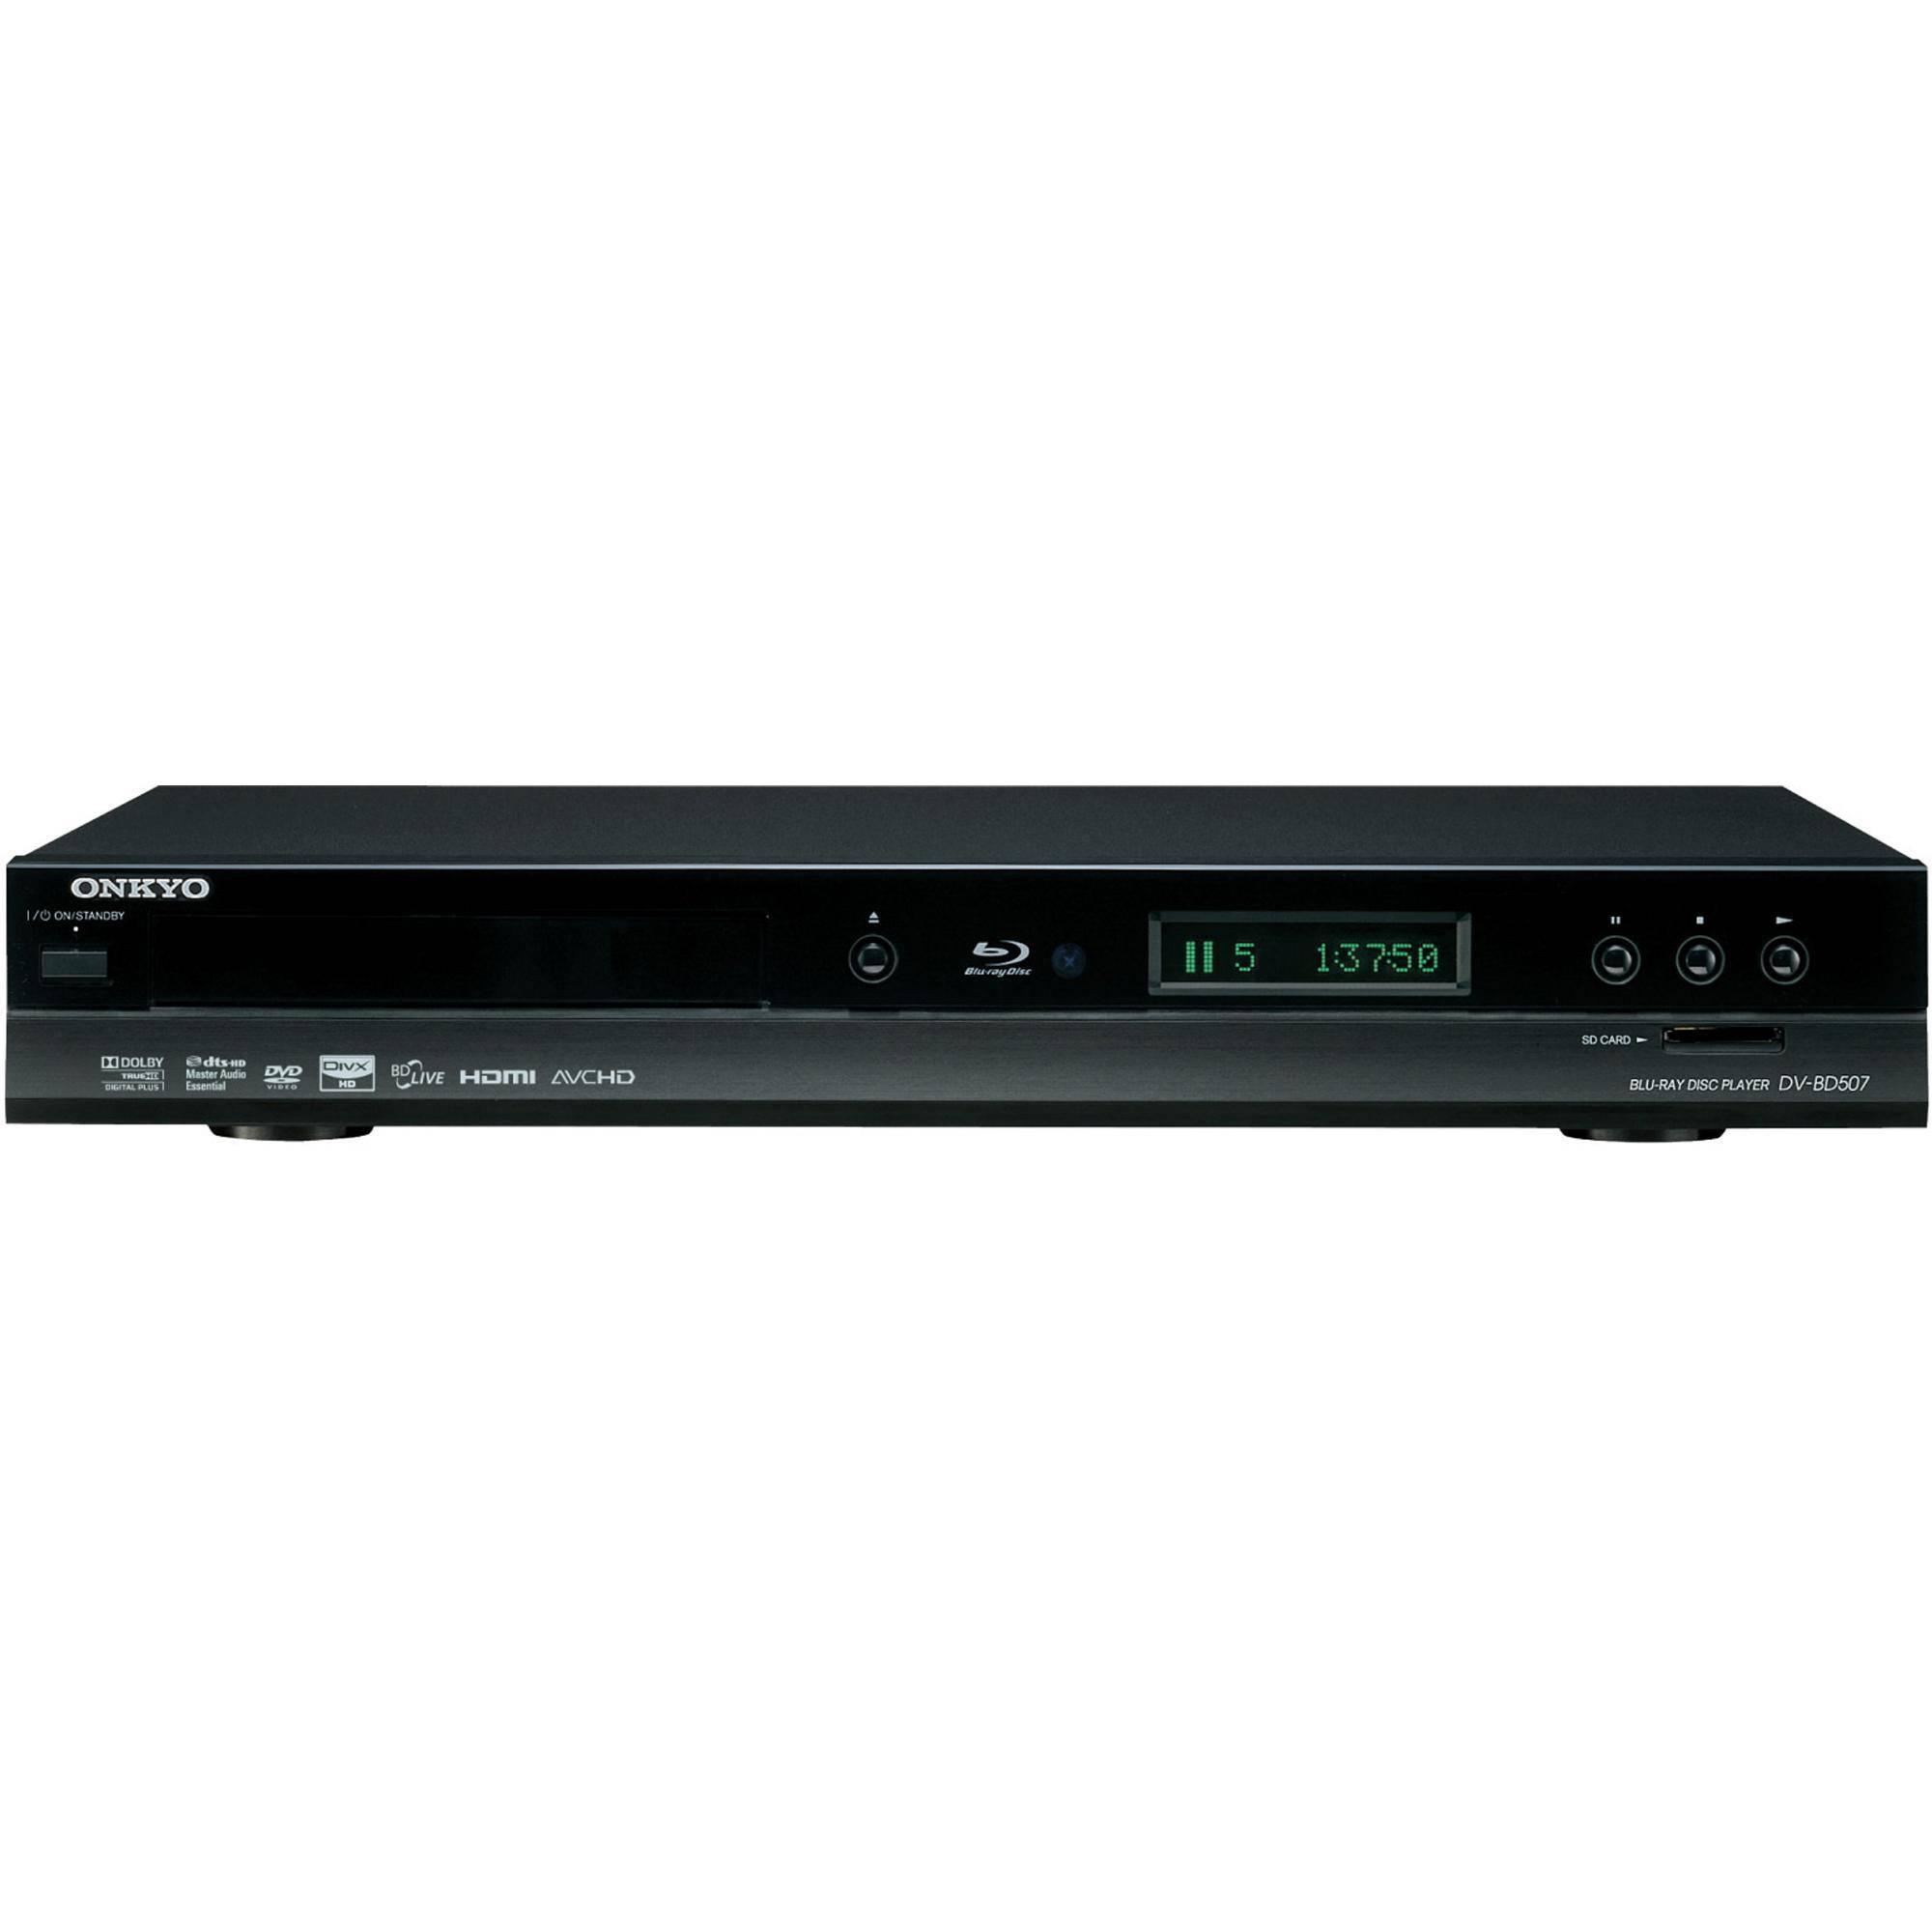 Onkyo DV-BD507 Blu-ray Disc Player DV-BD507 B&H Photo Video